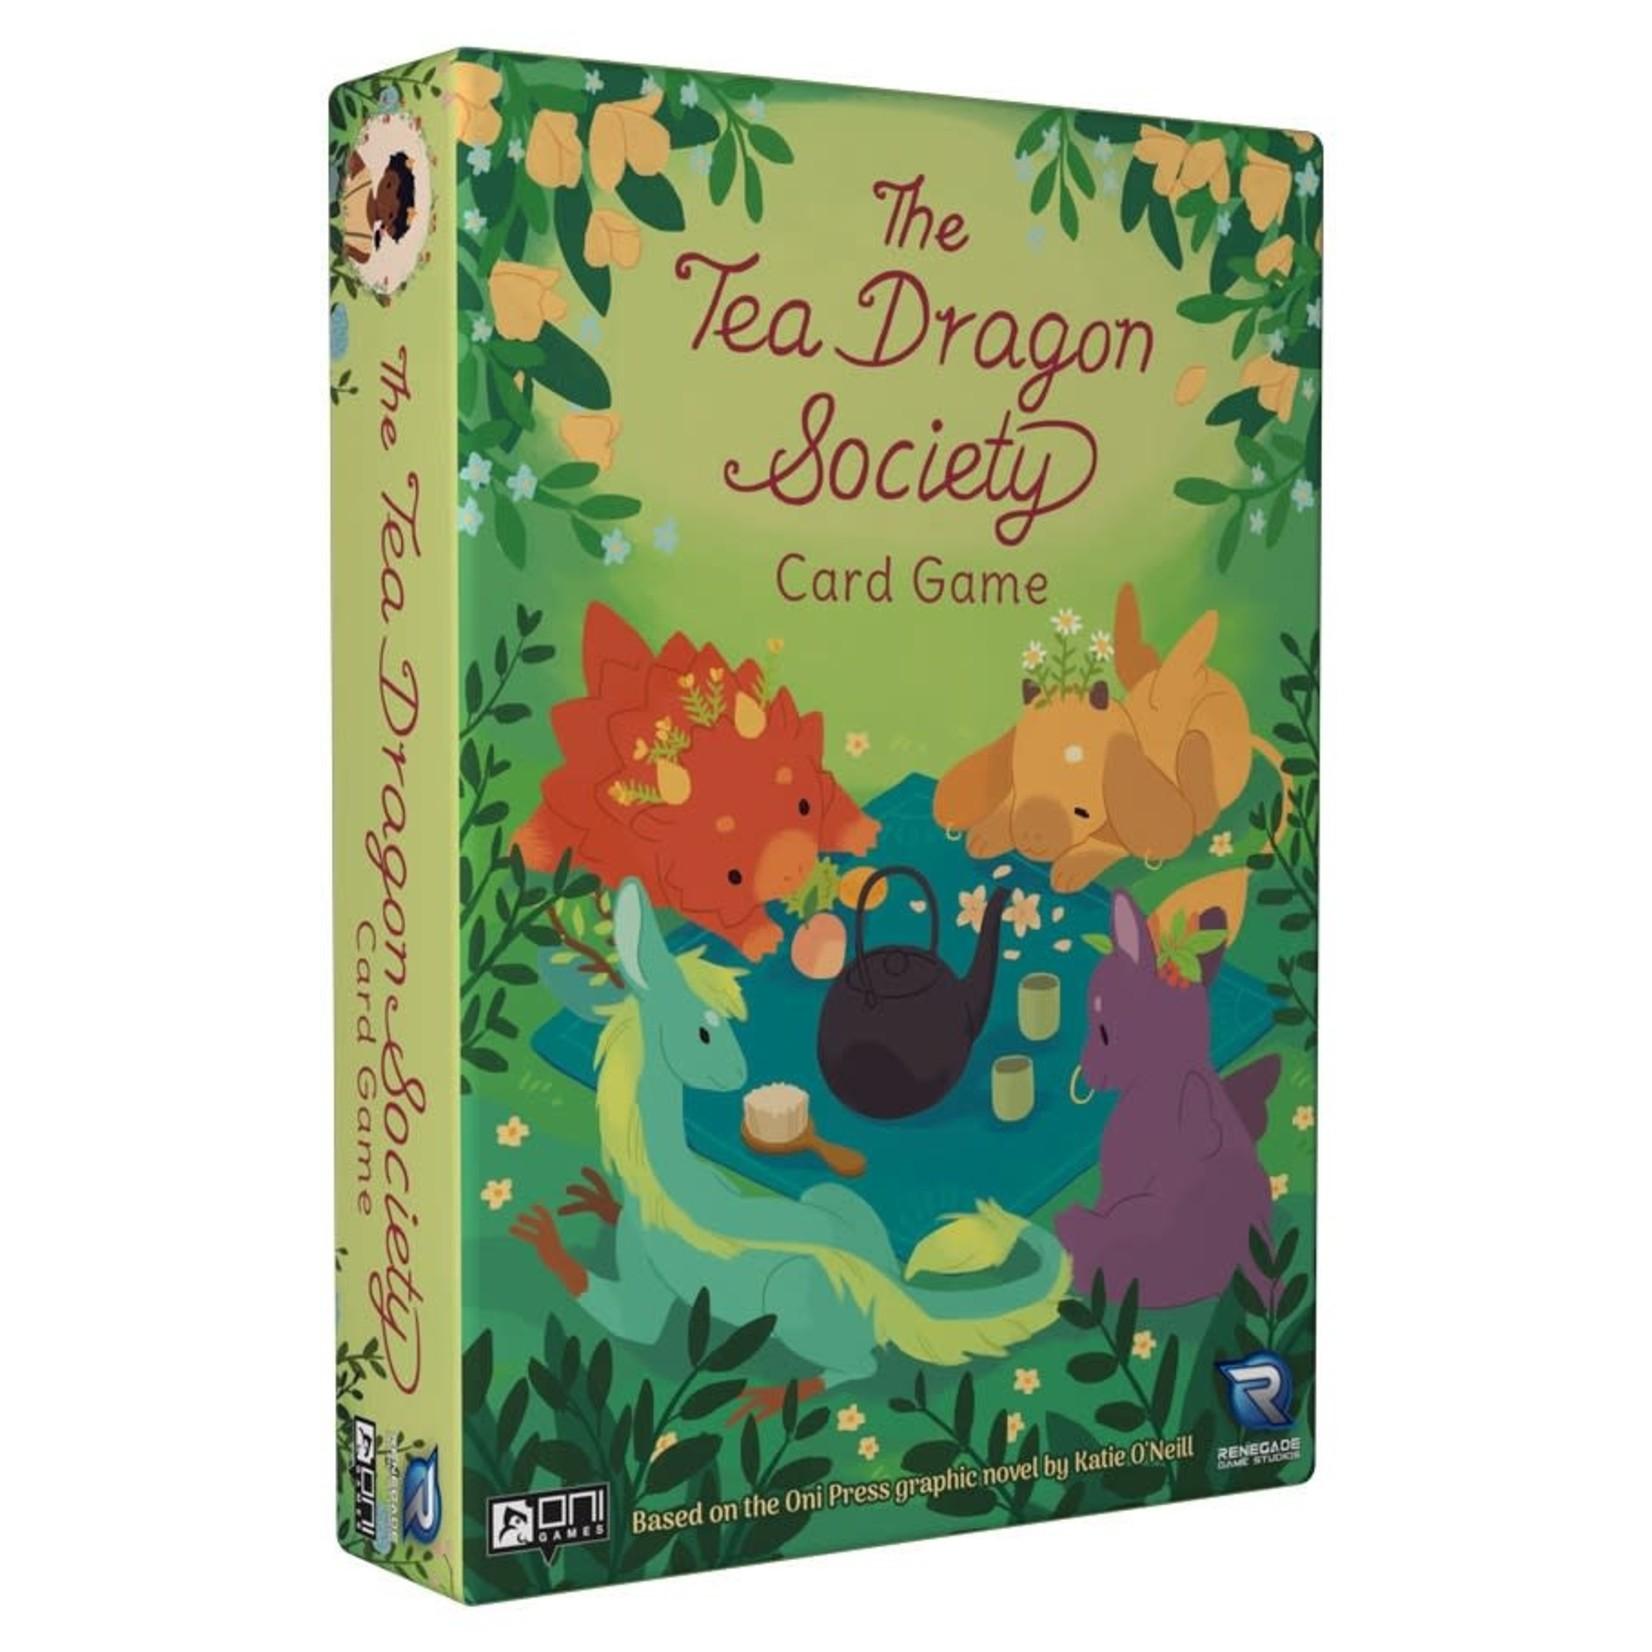 Renegade Tea Dragon Society Card Game